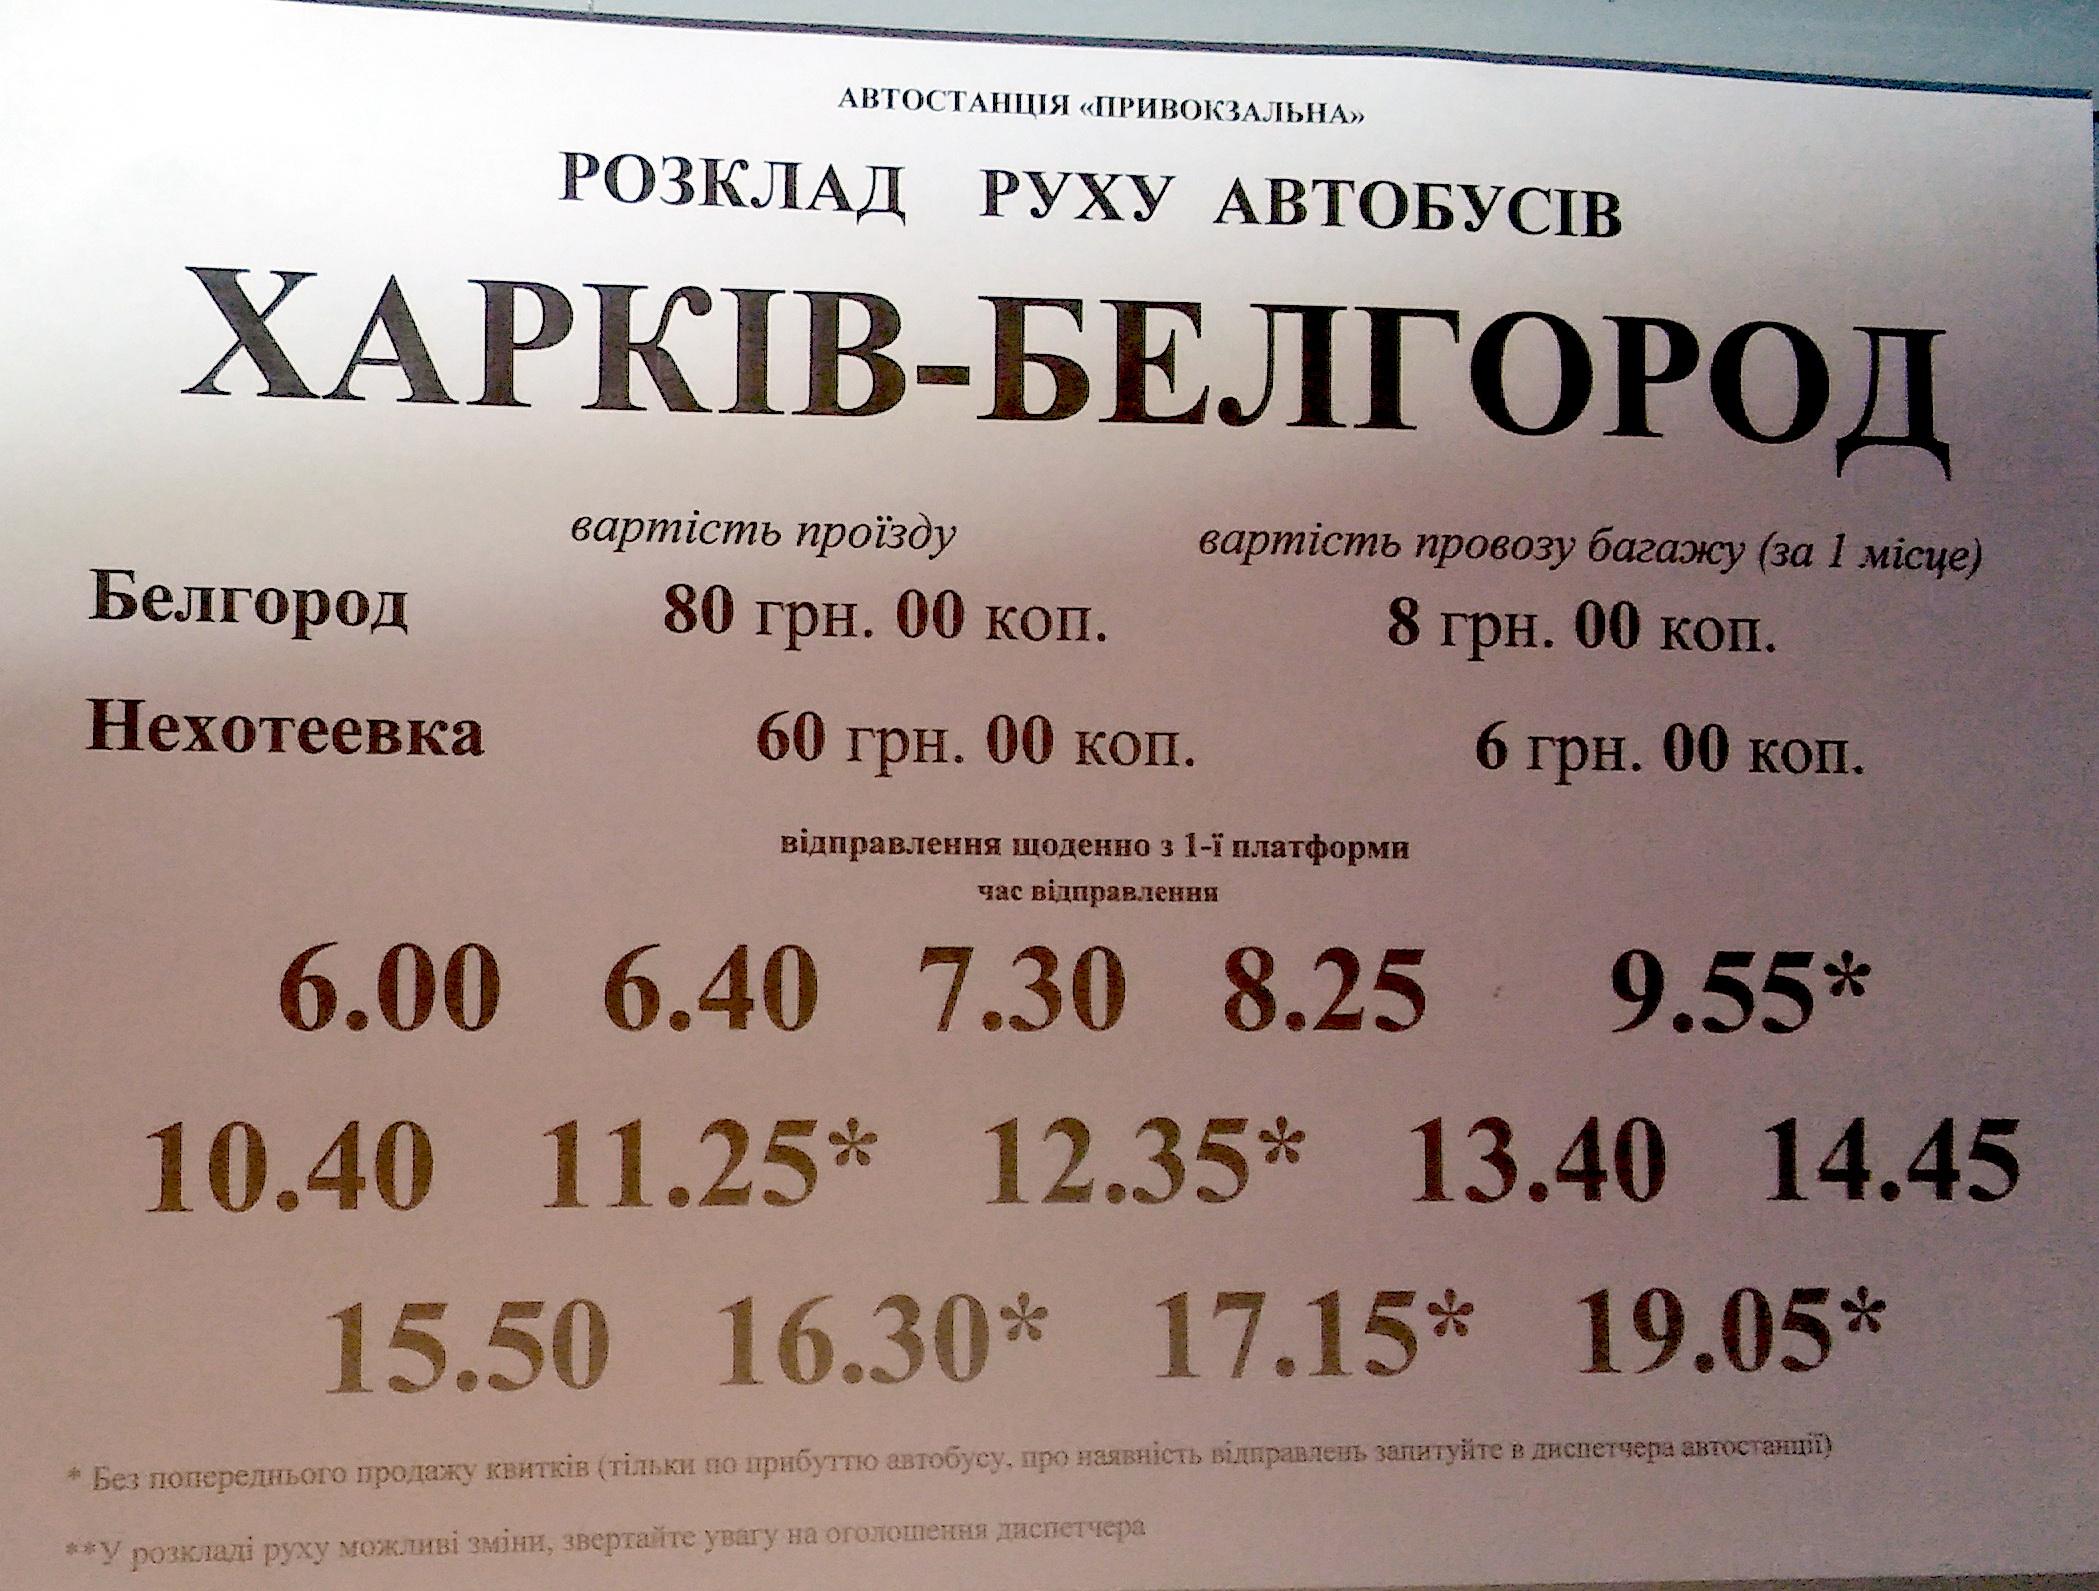 Как наиболее бюджетно добраться с Харькова до Москвы?